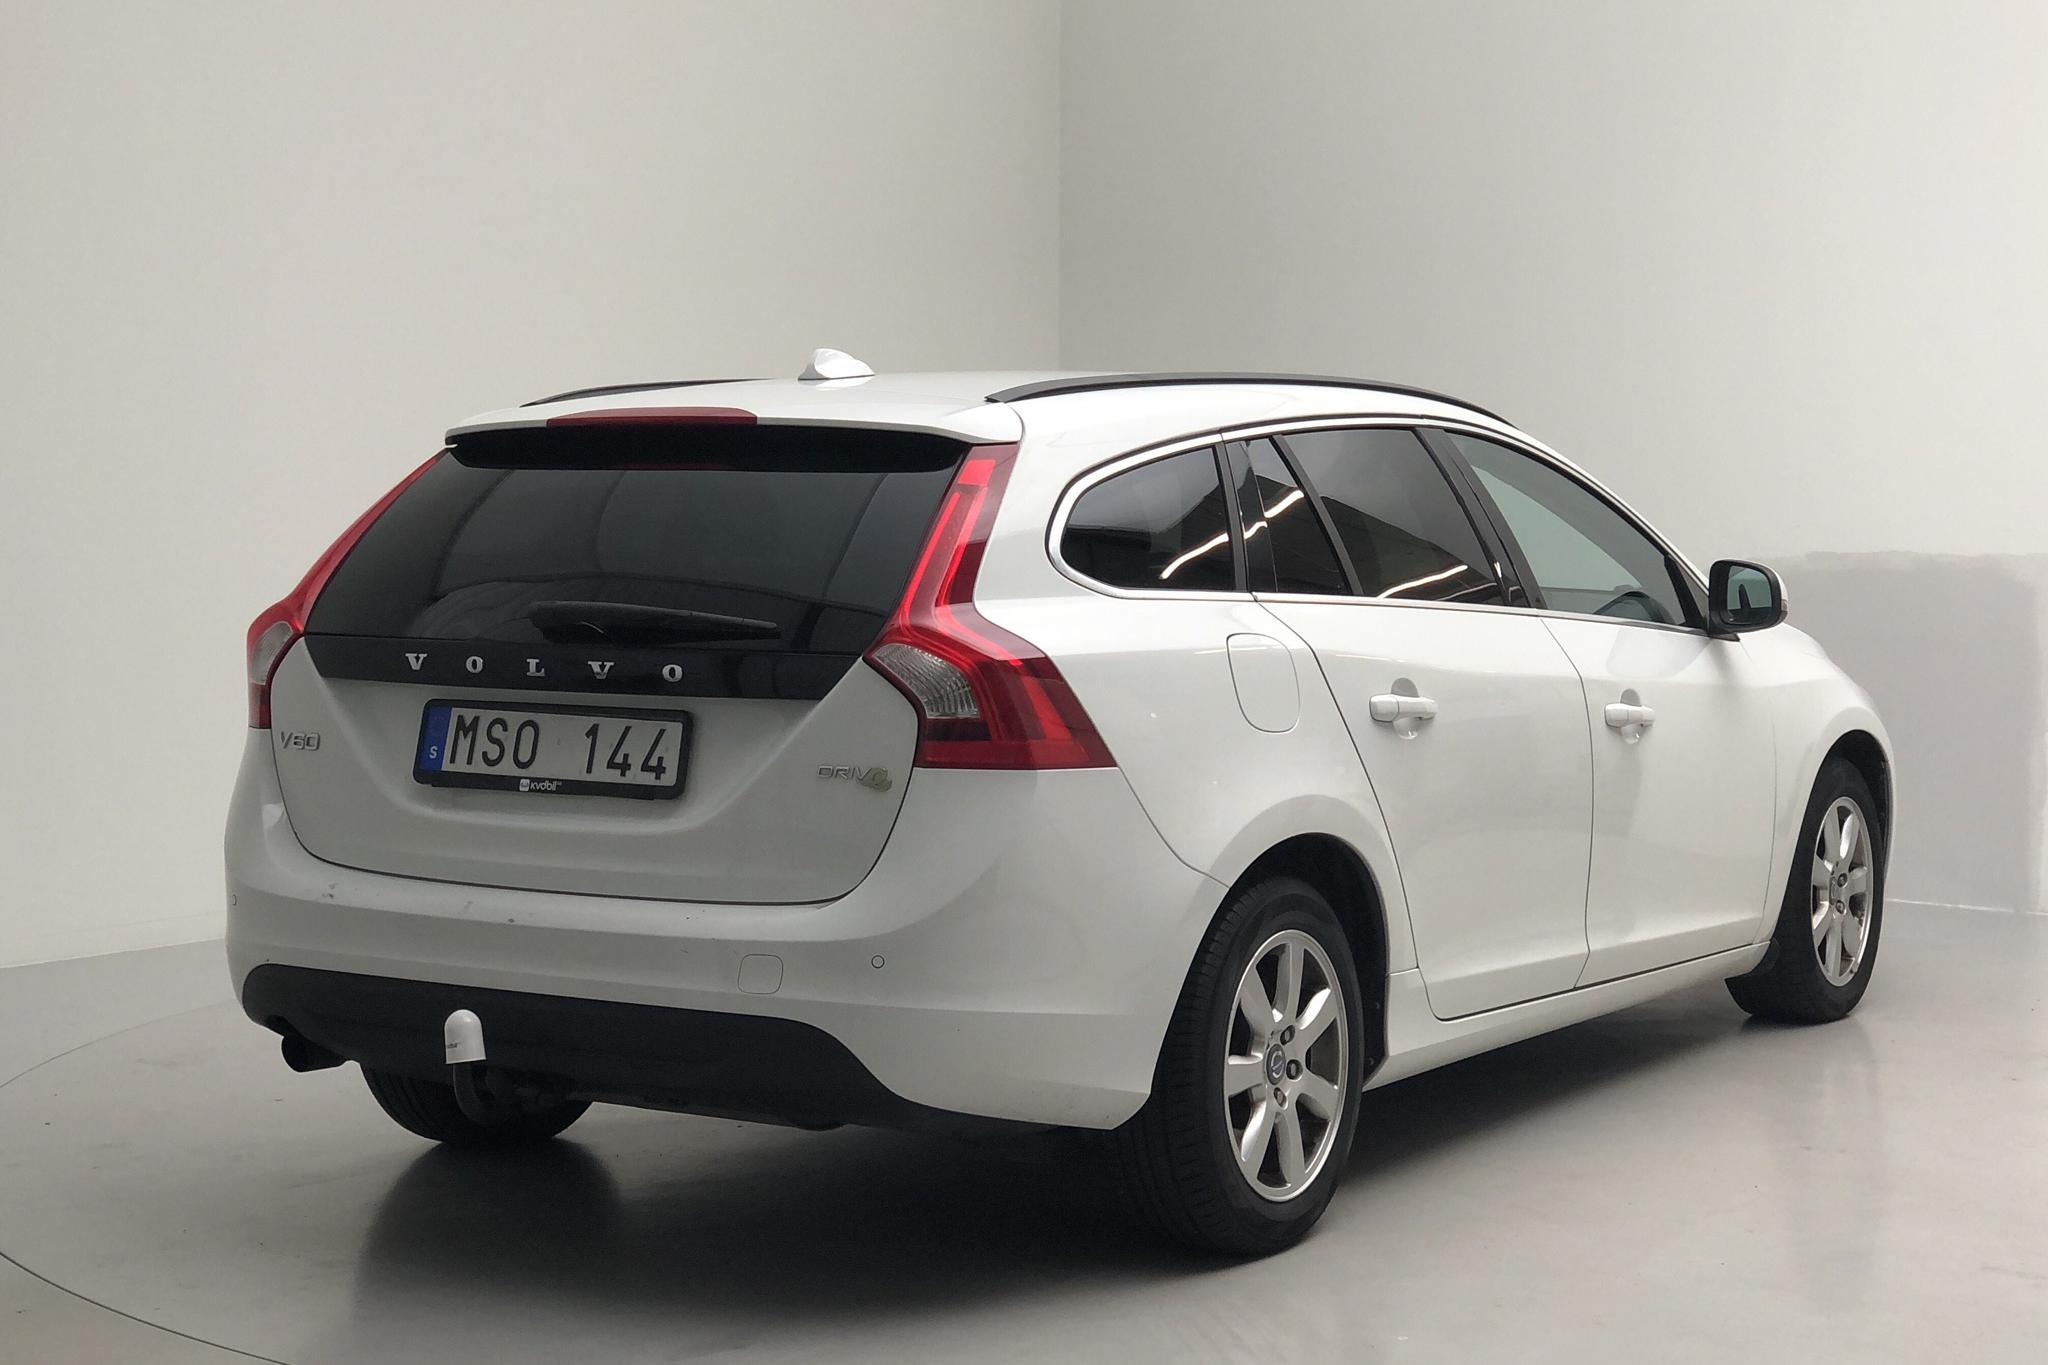 Volvo V60 1.6D DRIVe (115hk) - 167 700 km - Automatic - white - 2012